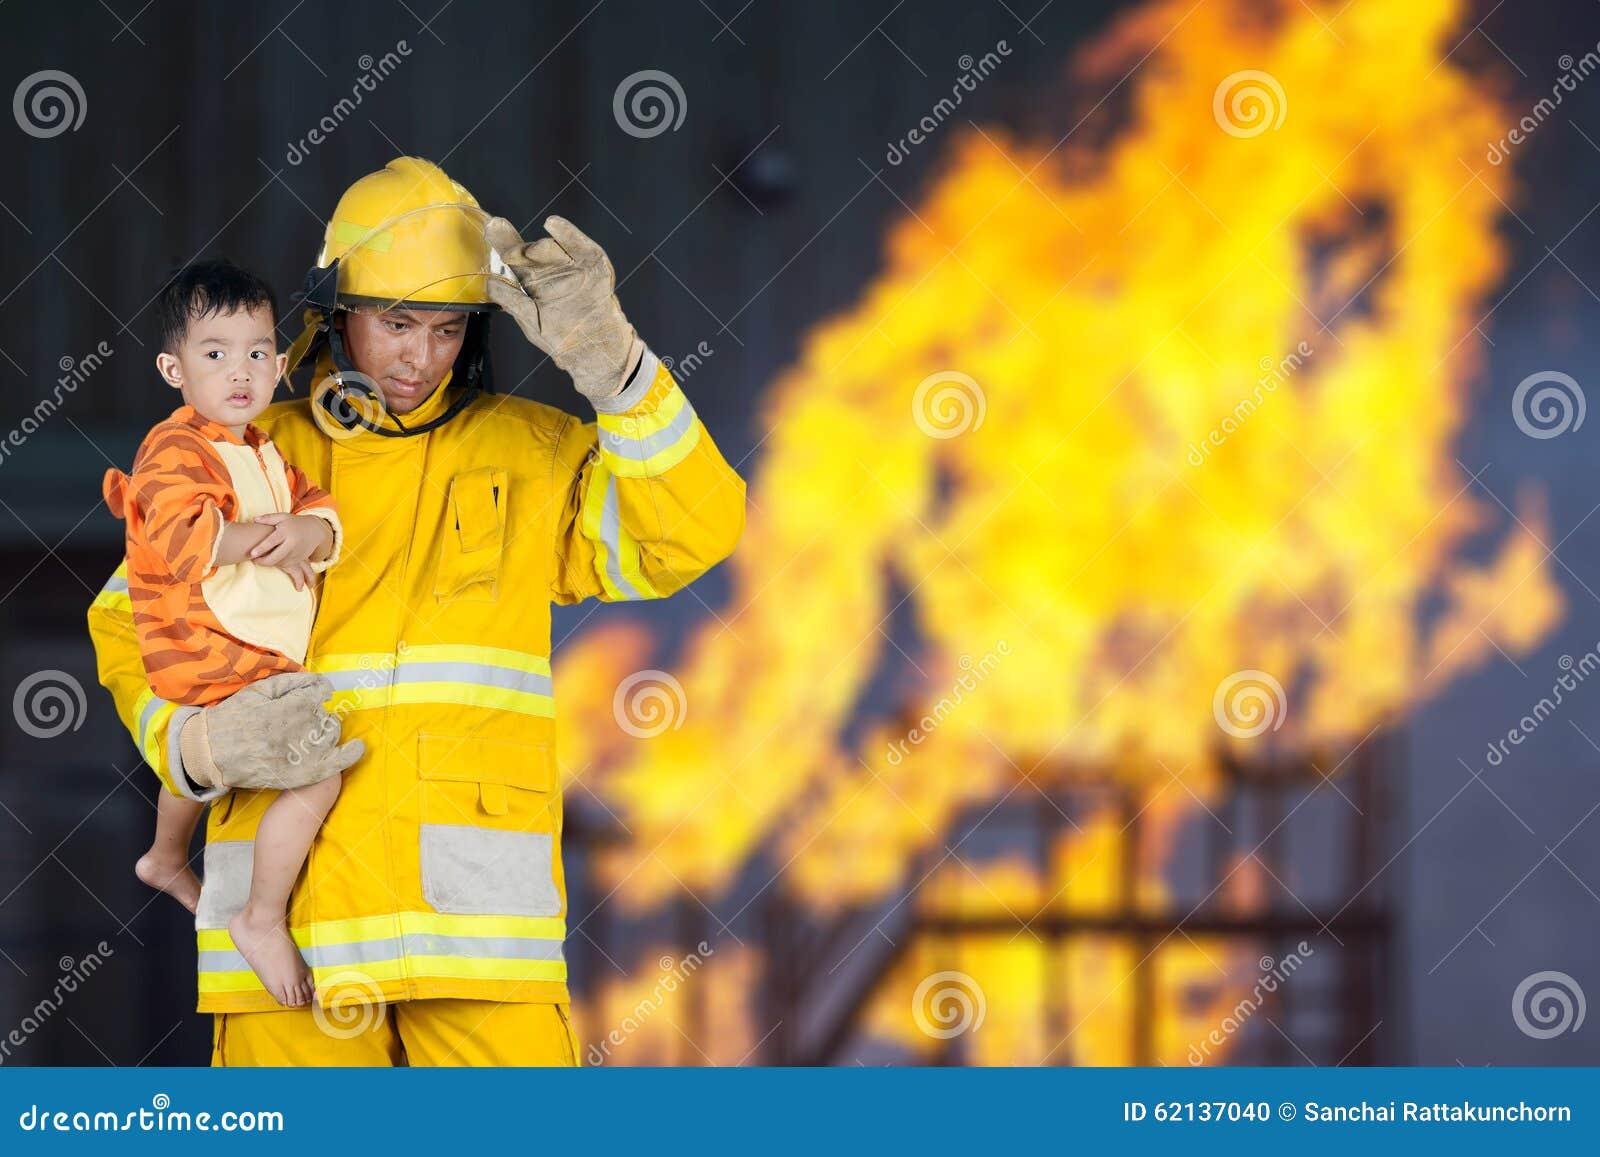 El bombero rescató al niño del fuego